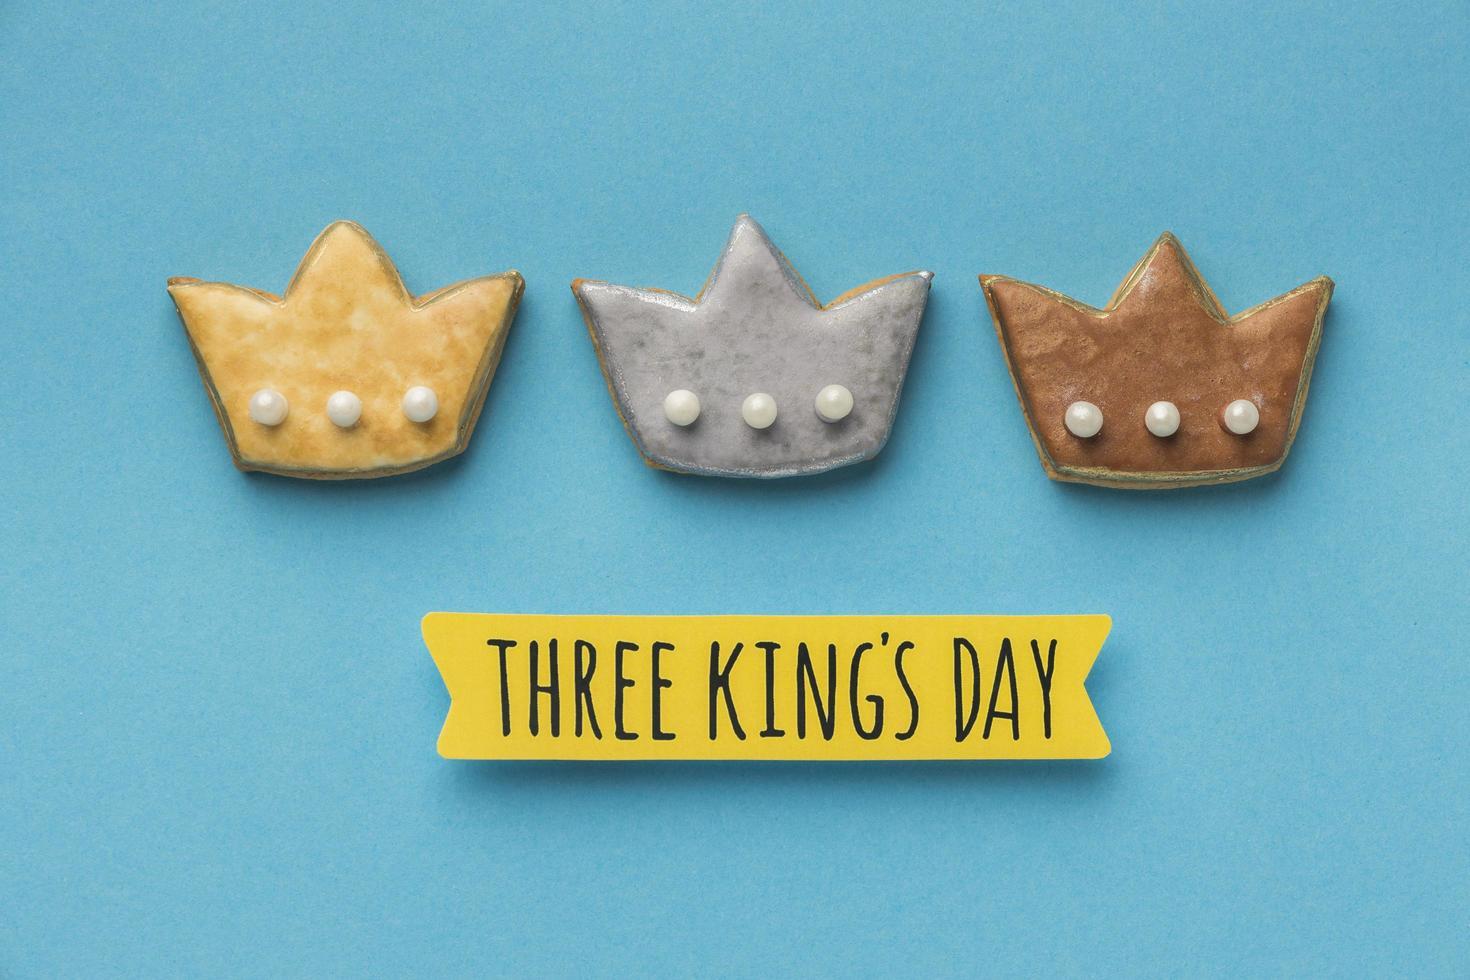 Drei Kronenplätzchen für den Dreikönigstag foto